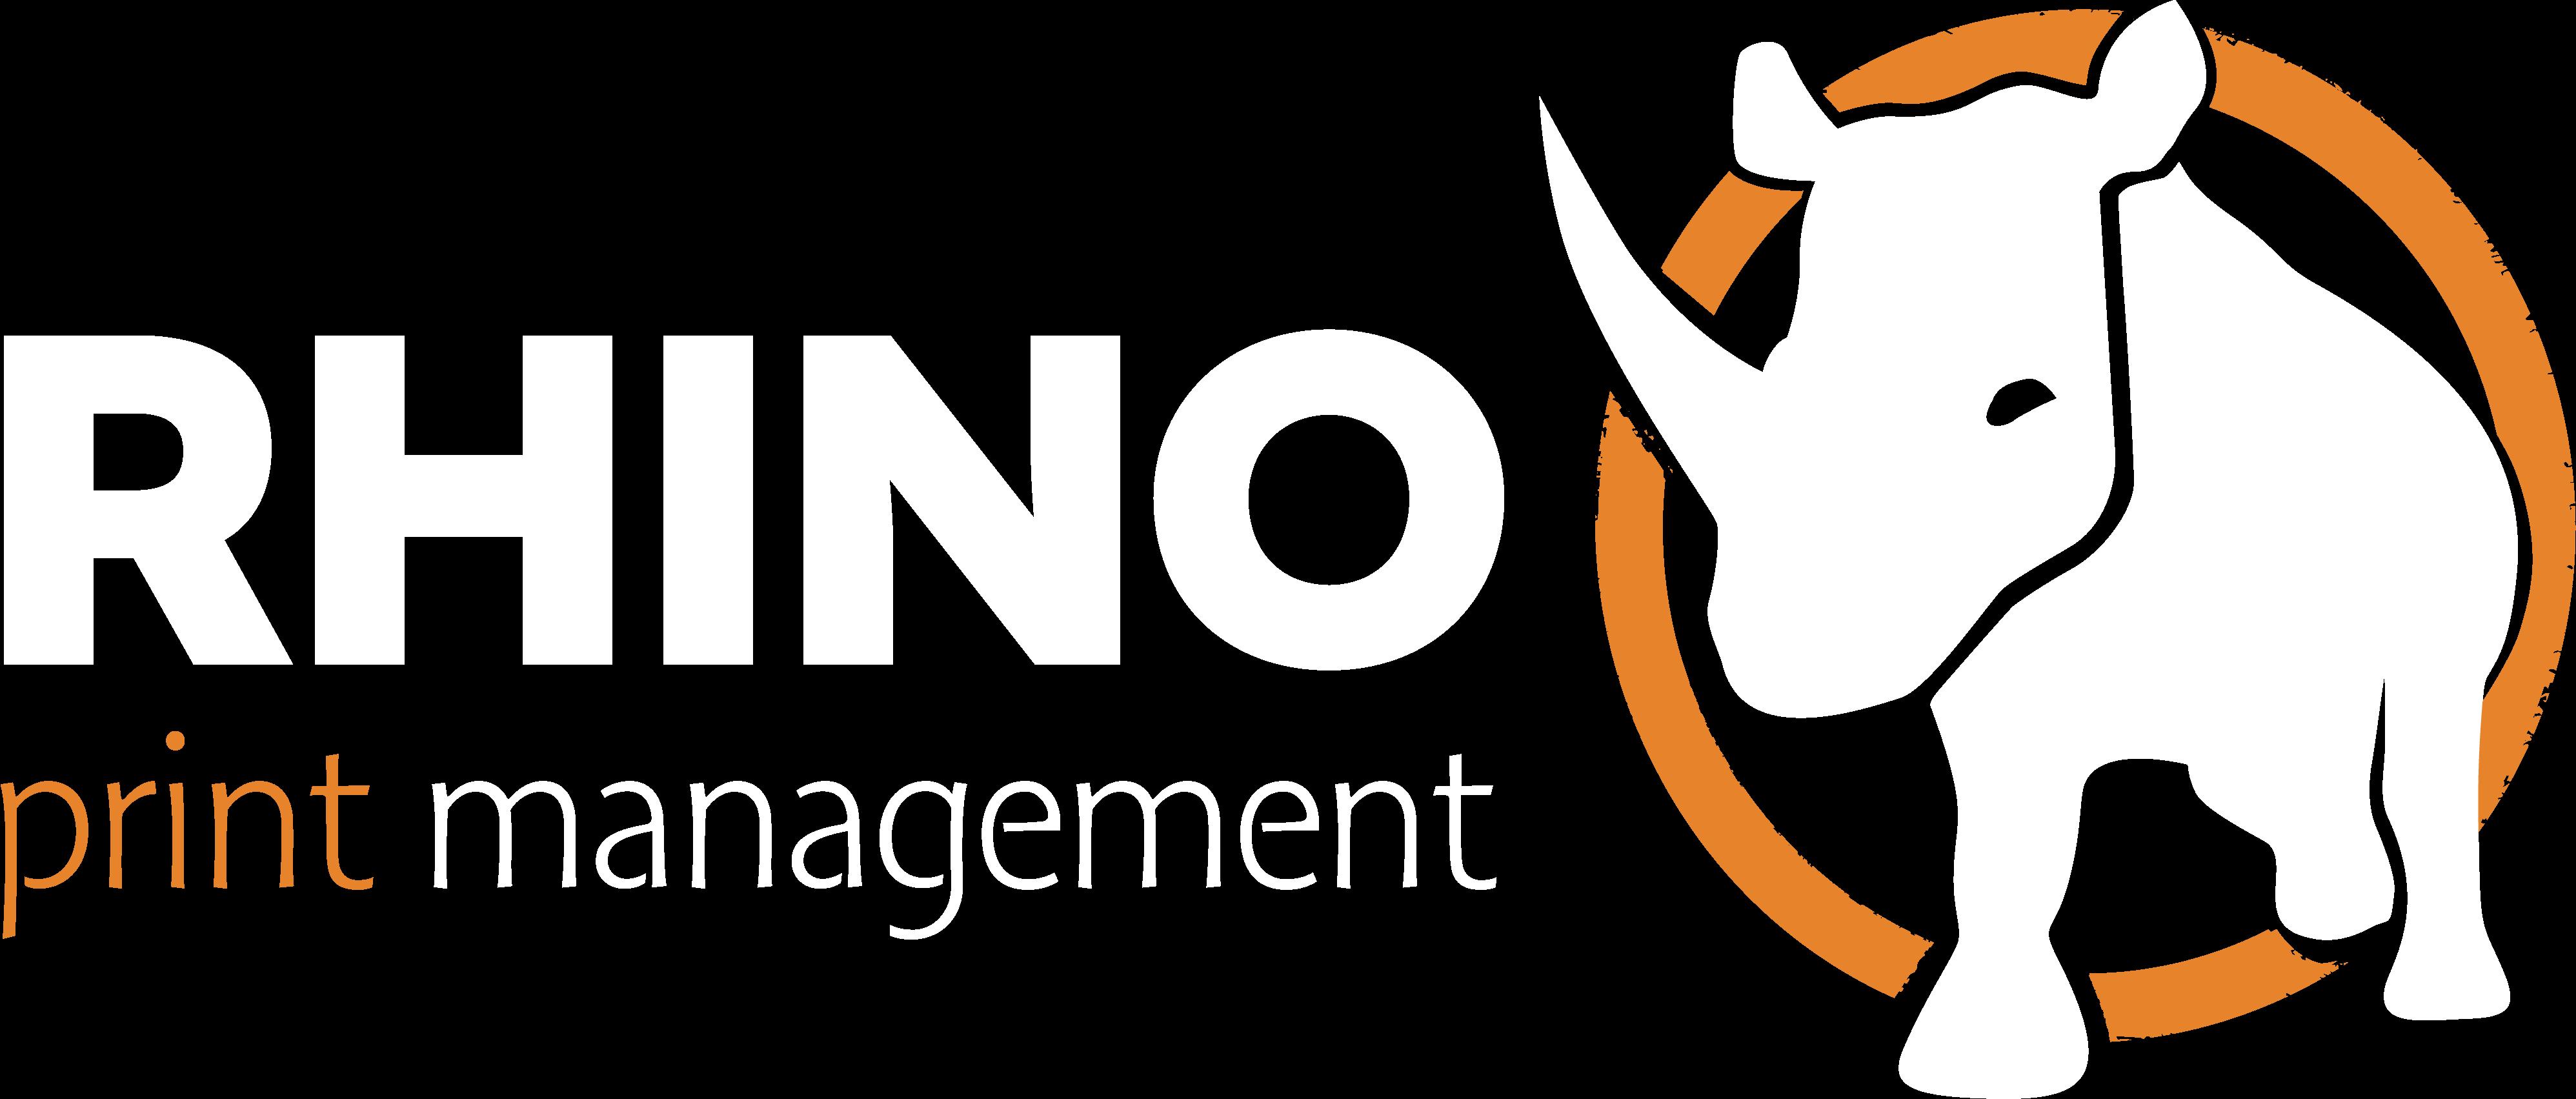 Rhino Print Management